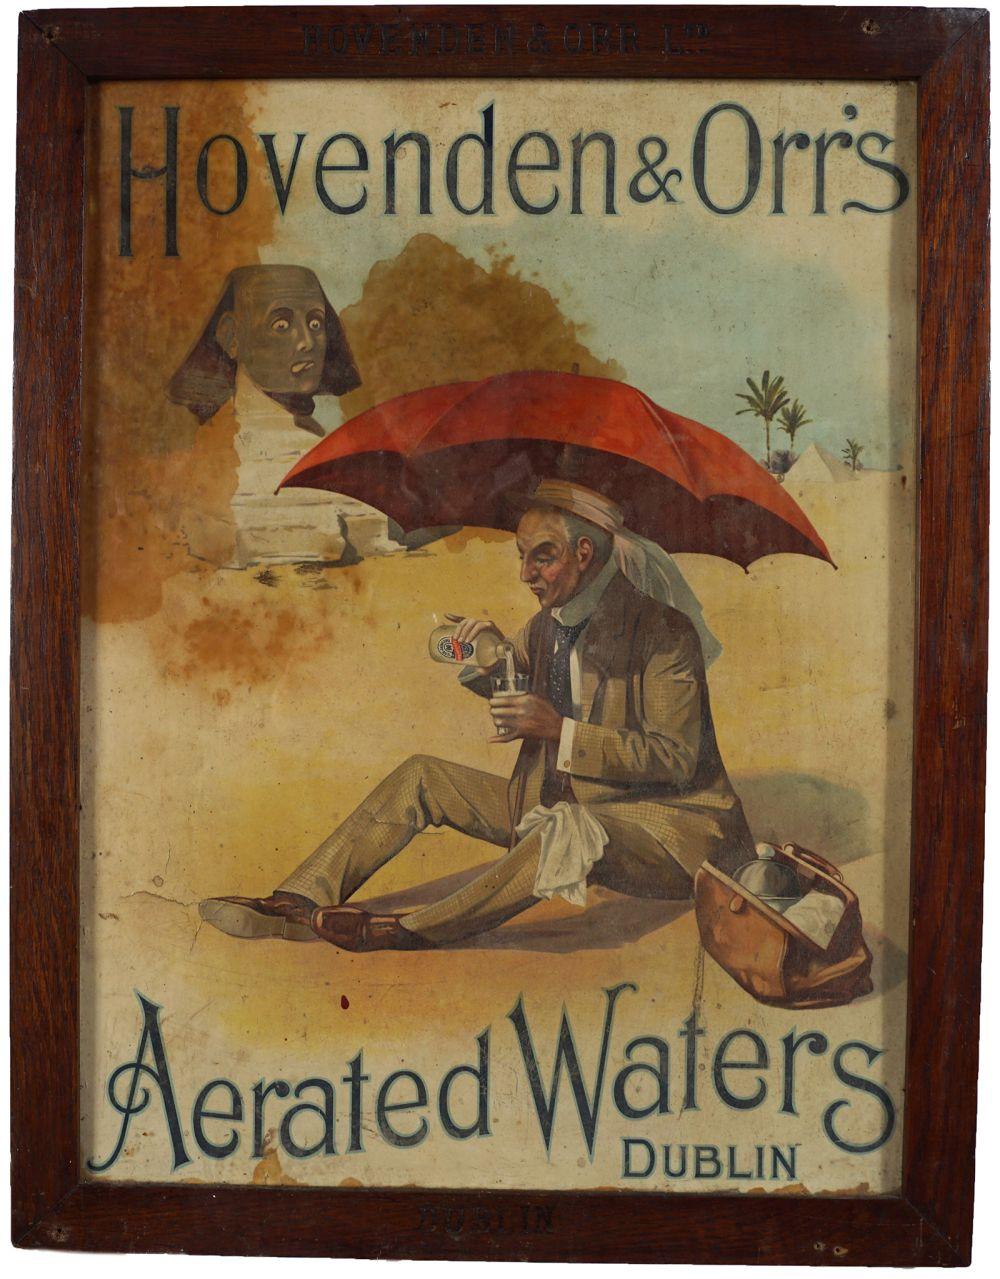 HOVENDEN & ORR'S ORIGINAL POSTER